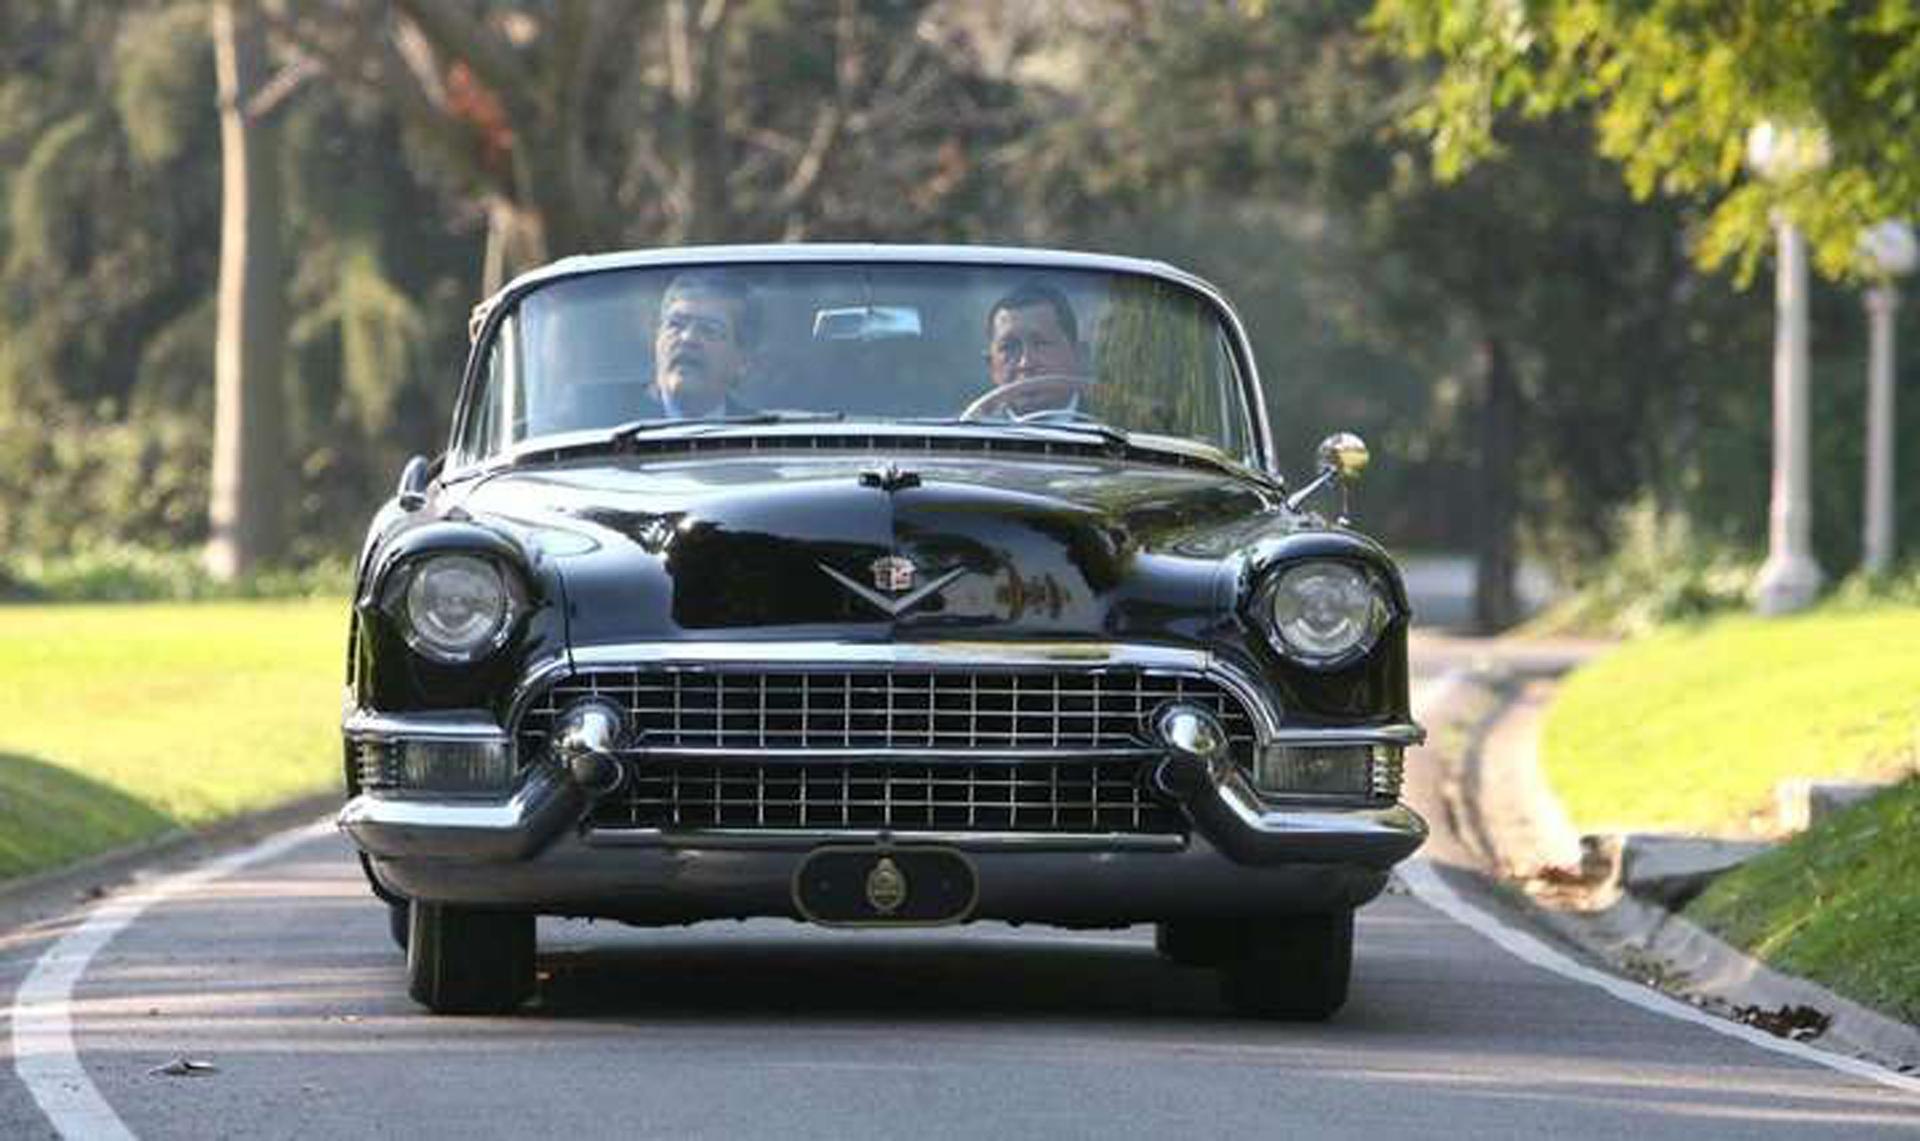 En 2006, Julio De Vido y Hugo Chávez pasearon con el Cadillac dentro de la quinta presidencial de Olivos